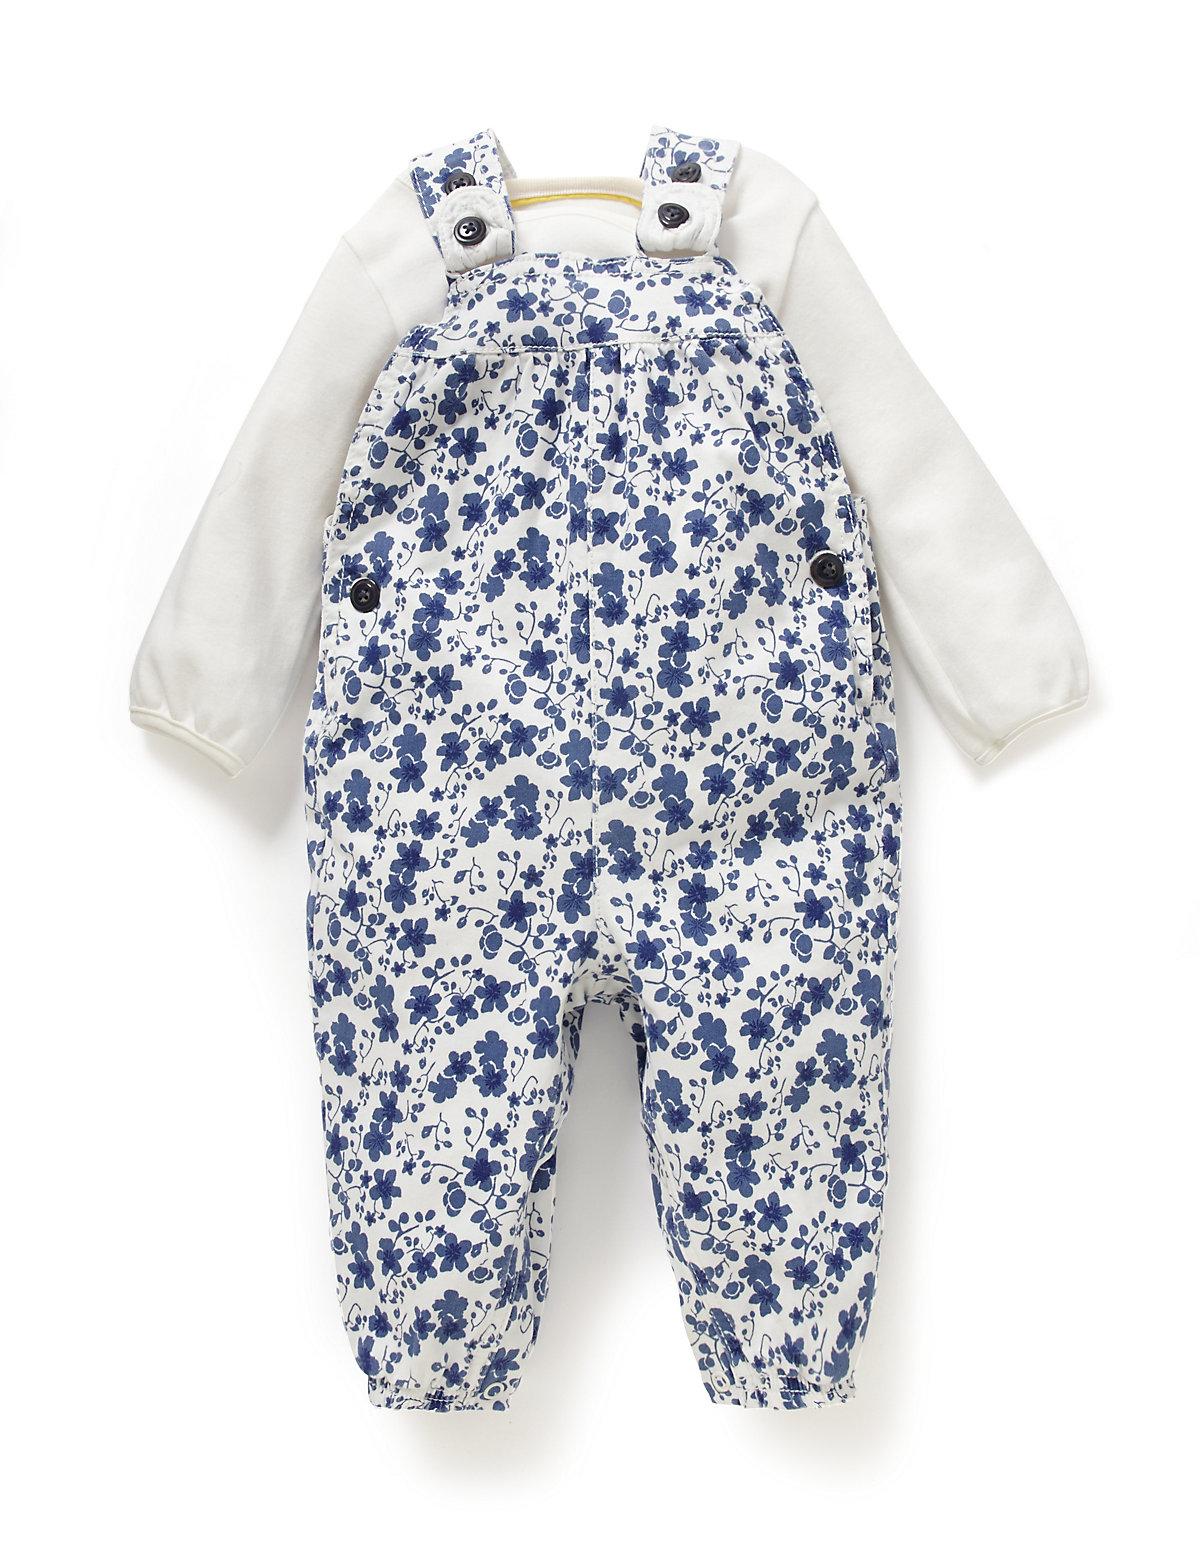 2 Piece Cotton Rich Floral Dungaree & Bodysuit Outfit